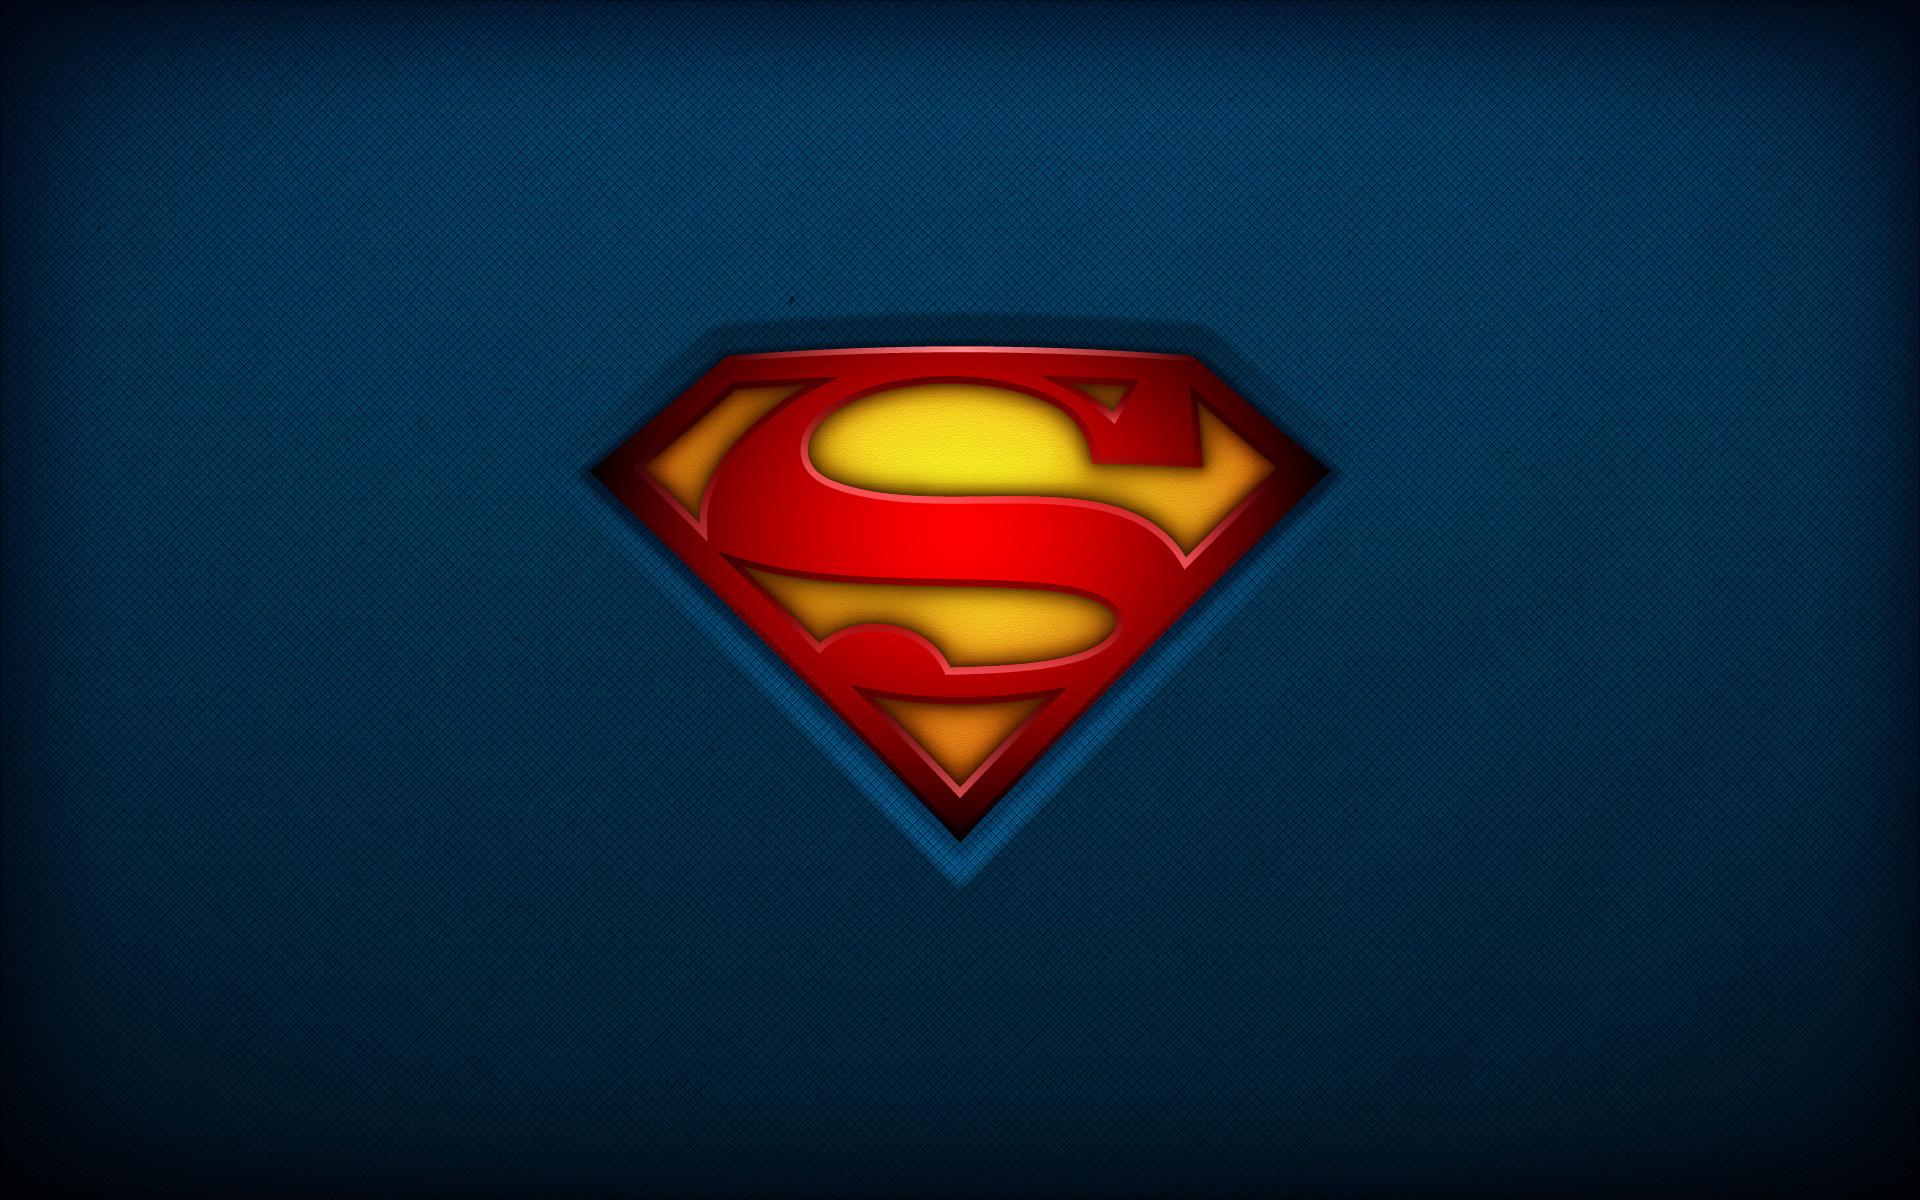 Superman Hd Screensavers 1920×1200 #124813 HD Wallpaper Res .